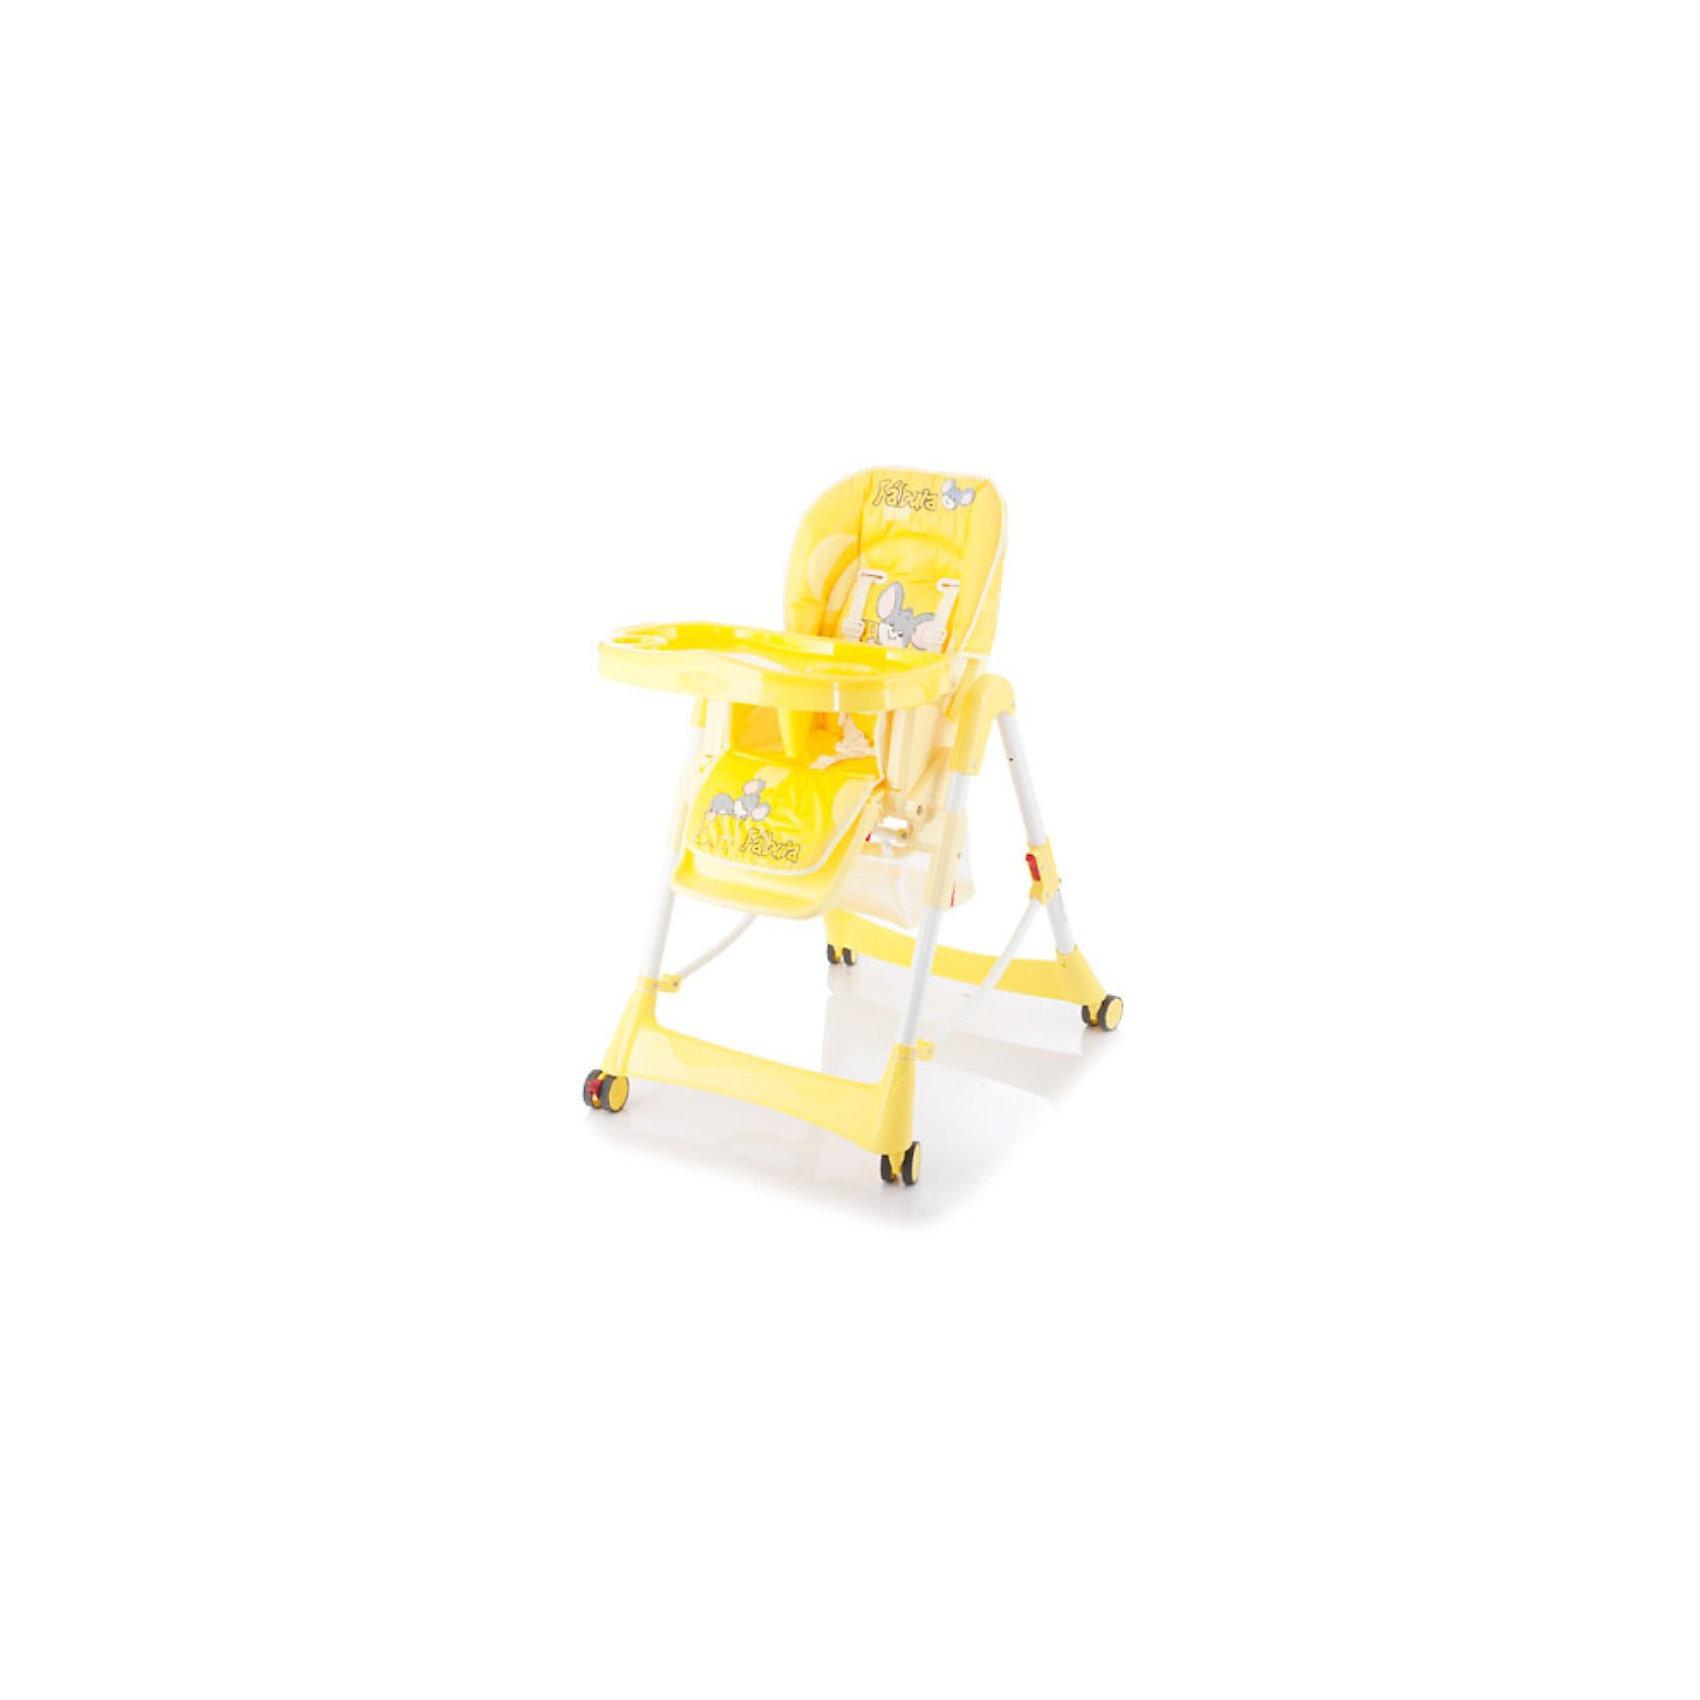 Стульчик для кормления Piero Fabula, Jetem, желтыйДаже при наличии ограниченного пространства, стульчик для кормления Jetem Piero Fabula (Жетем Пьеро Фабула) станет Вашим главным помощником в кормлении и играх с ребенком. Возможность простого складывания до компактных размеров, позволяет данной модели не занимать много лишнего места. Прорезиненные колеса, могут быть использованы для перемещения стульчика по комнате, не прилагая особых усилий, при этом, даже самое деликатное напольное покрытие не поцарапается. Молодой маме будет легко ухаживать за таким изделием, так как оно изготовлено из легко моющейся пластмассы и имеет съемную клеенчатую обивку. А ребенку понравится яркий дизайн и веселая расцветка.<br>Стульчик Jetem Piero Fabula (Жетем Пьеро Фабула) можно регулировать по высоте (6 положений), уровню наклона спинки (3 уровня) и глубине столешницы (3 степени), что позволит Вам удобно и полезно использовать его как для первого прикорма, так и для игр с подросшим малышом. Для обеспечения безопасности Вашего малыша, применяется ограничитель и 5-ти точечные ремни безопасности, а наличие поперечной металлической рамы и регулируемой подножки, придают стульчику максимально надежную устойчивость. Изделие имеет прочную сетку для игрушек ребенка. Комфортный и продуманный стул на все случаи жизни!<br><br>Дополнительная информация:<br><br>- 6 уровней высоты кресла; <br>- 3 положения наклона спинки;<br>- 3 положения глубины столешницы; <br>- 5-ти точечные ремни безопасности; <br>- Ограничитель не позволяет ребенку соскальзывать со стульчика; <br>- Съемная дополнительная прозрачная столешница; <br>- Регулируемая подножка; <br>- Просторная сетка для игрушек; <br>- Устойчиво стоит в сложенном состоянии, что очень важно для ограниченных пространств; <br>- Легко моющаяся клеенчатая обивка; <br>- Прорезиненные колеса, щадящие напольные покрытия; <br>- Рама с поперечной перекладиной для обеспечения максимальной устойчивости; <br>- Эксклюзивный дизайн;<br>- Максимальный вес ребенка: 1